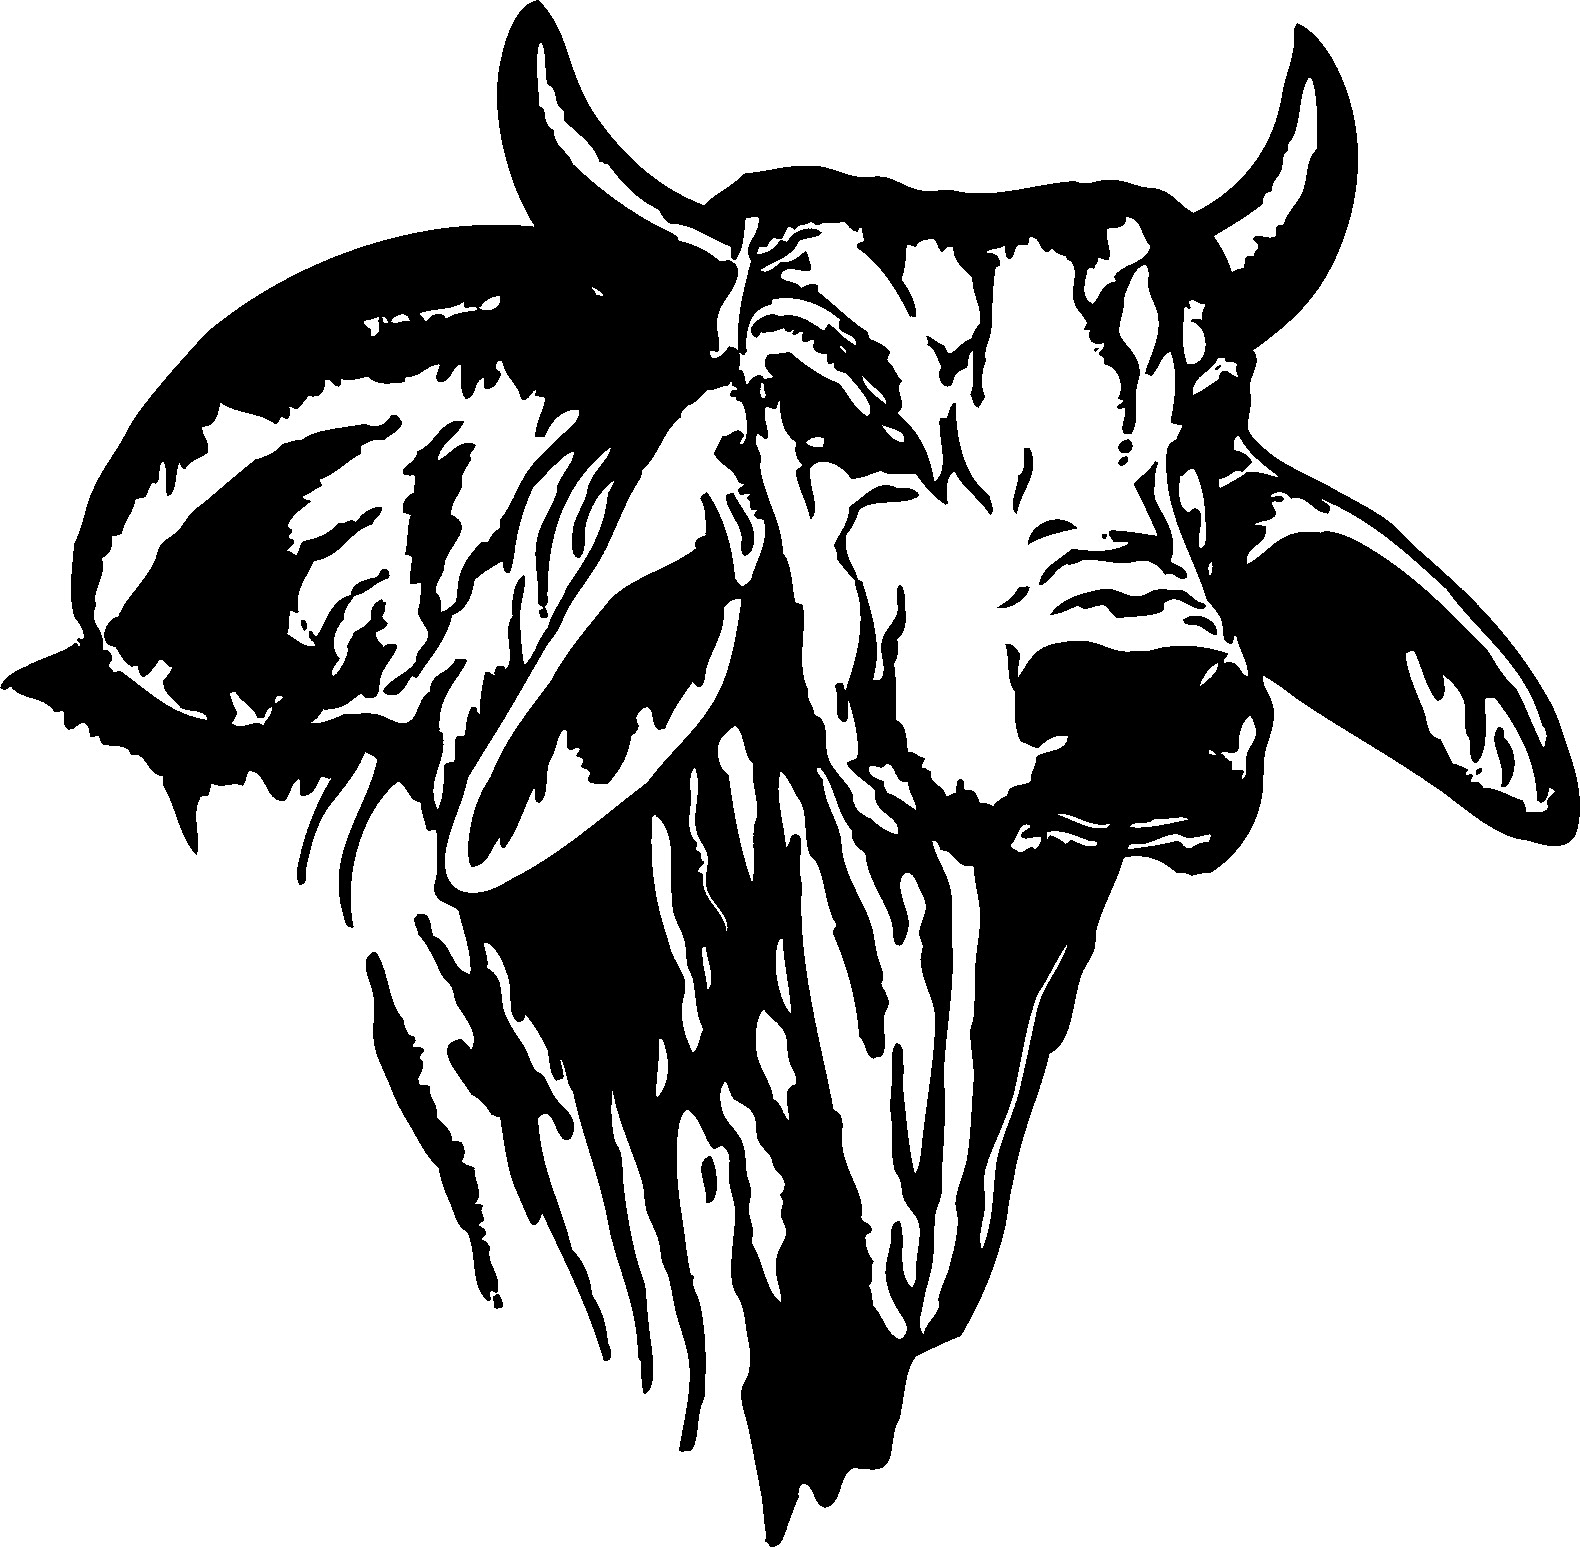 Bahman clipground. Bull clipart bull head